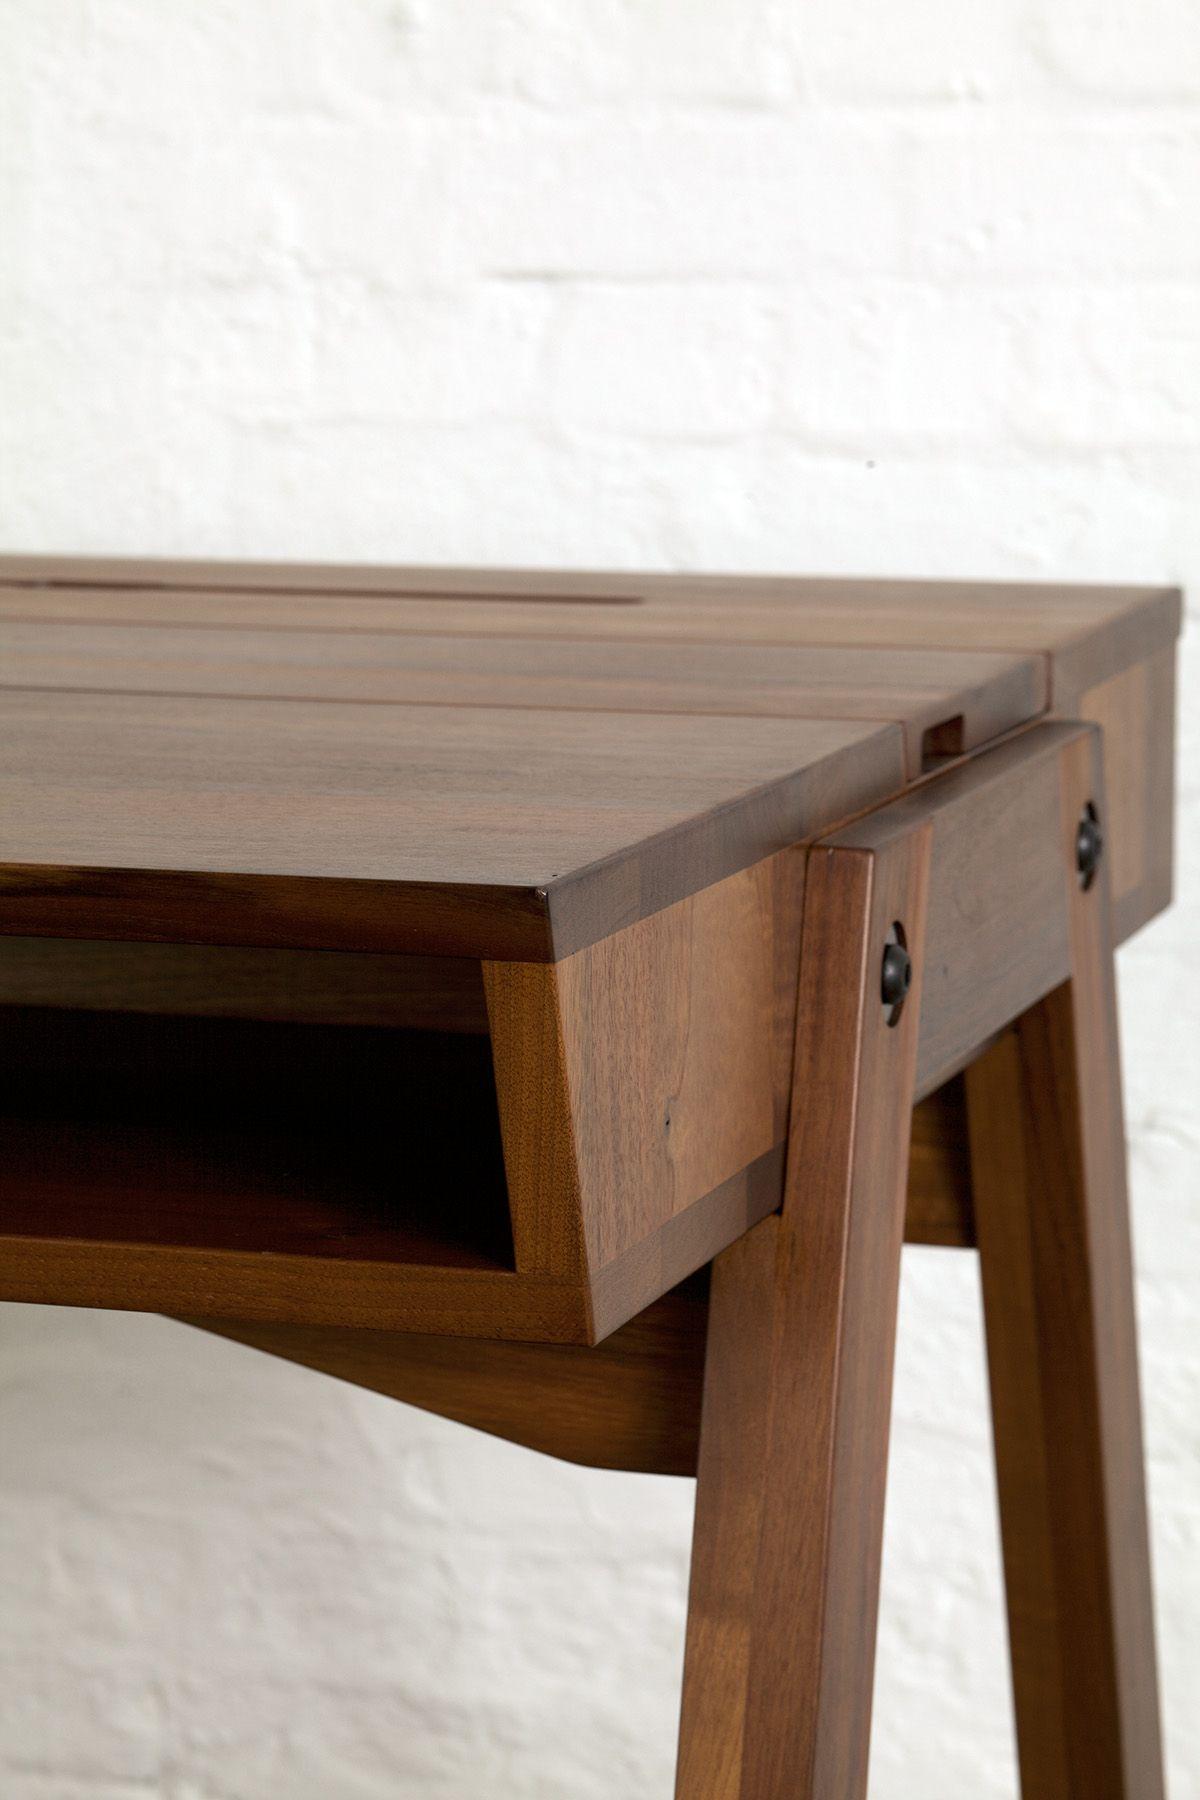 schreibtisch massiv eiche nussbaum handgearbeitet design klappe hamburg deutschland. Black Bedroom Furniture Sets. Home Design Ideas